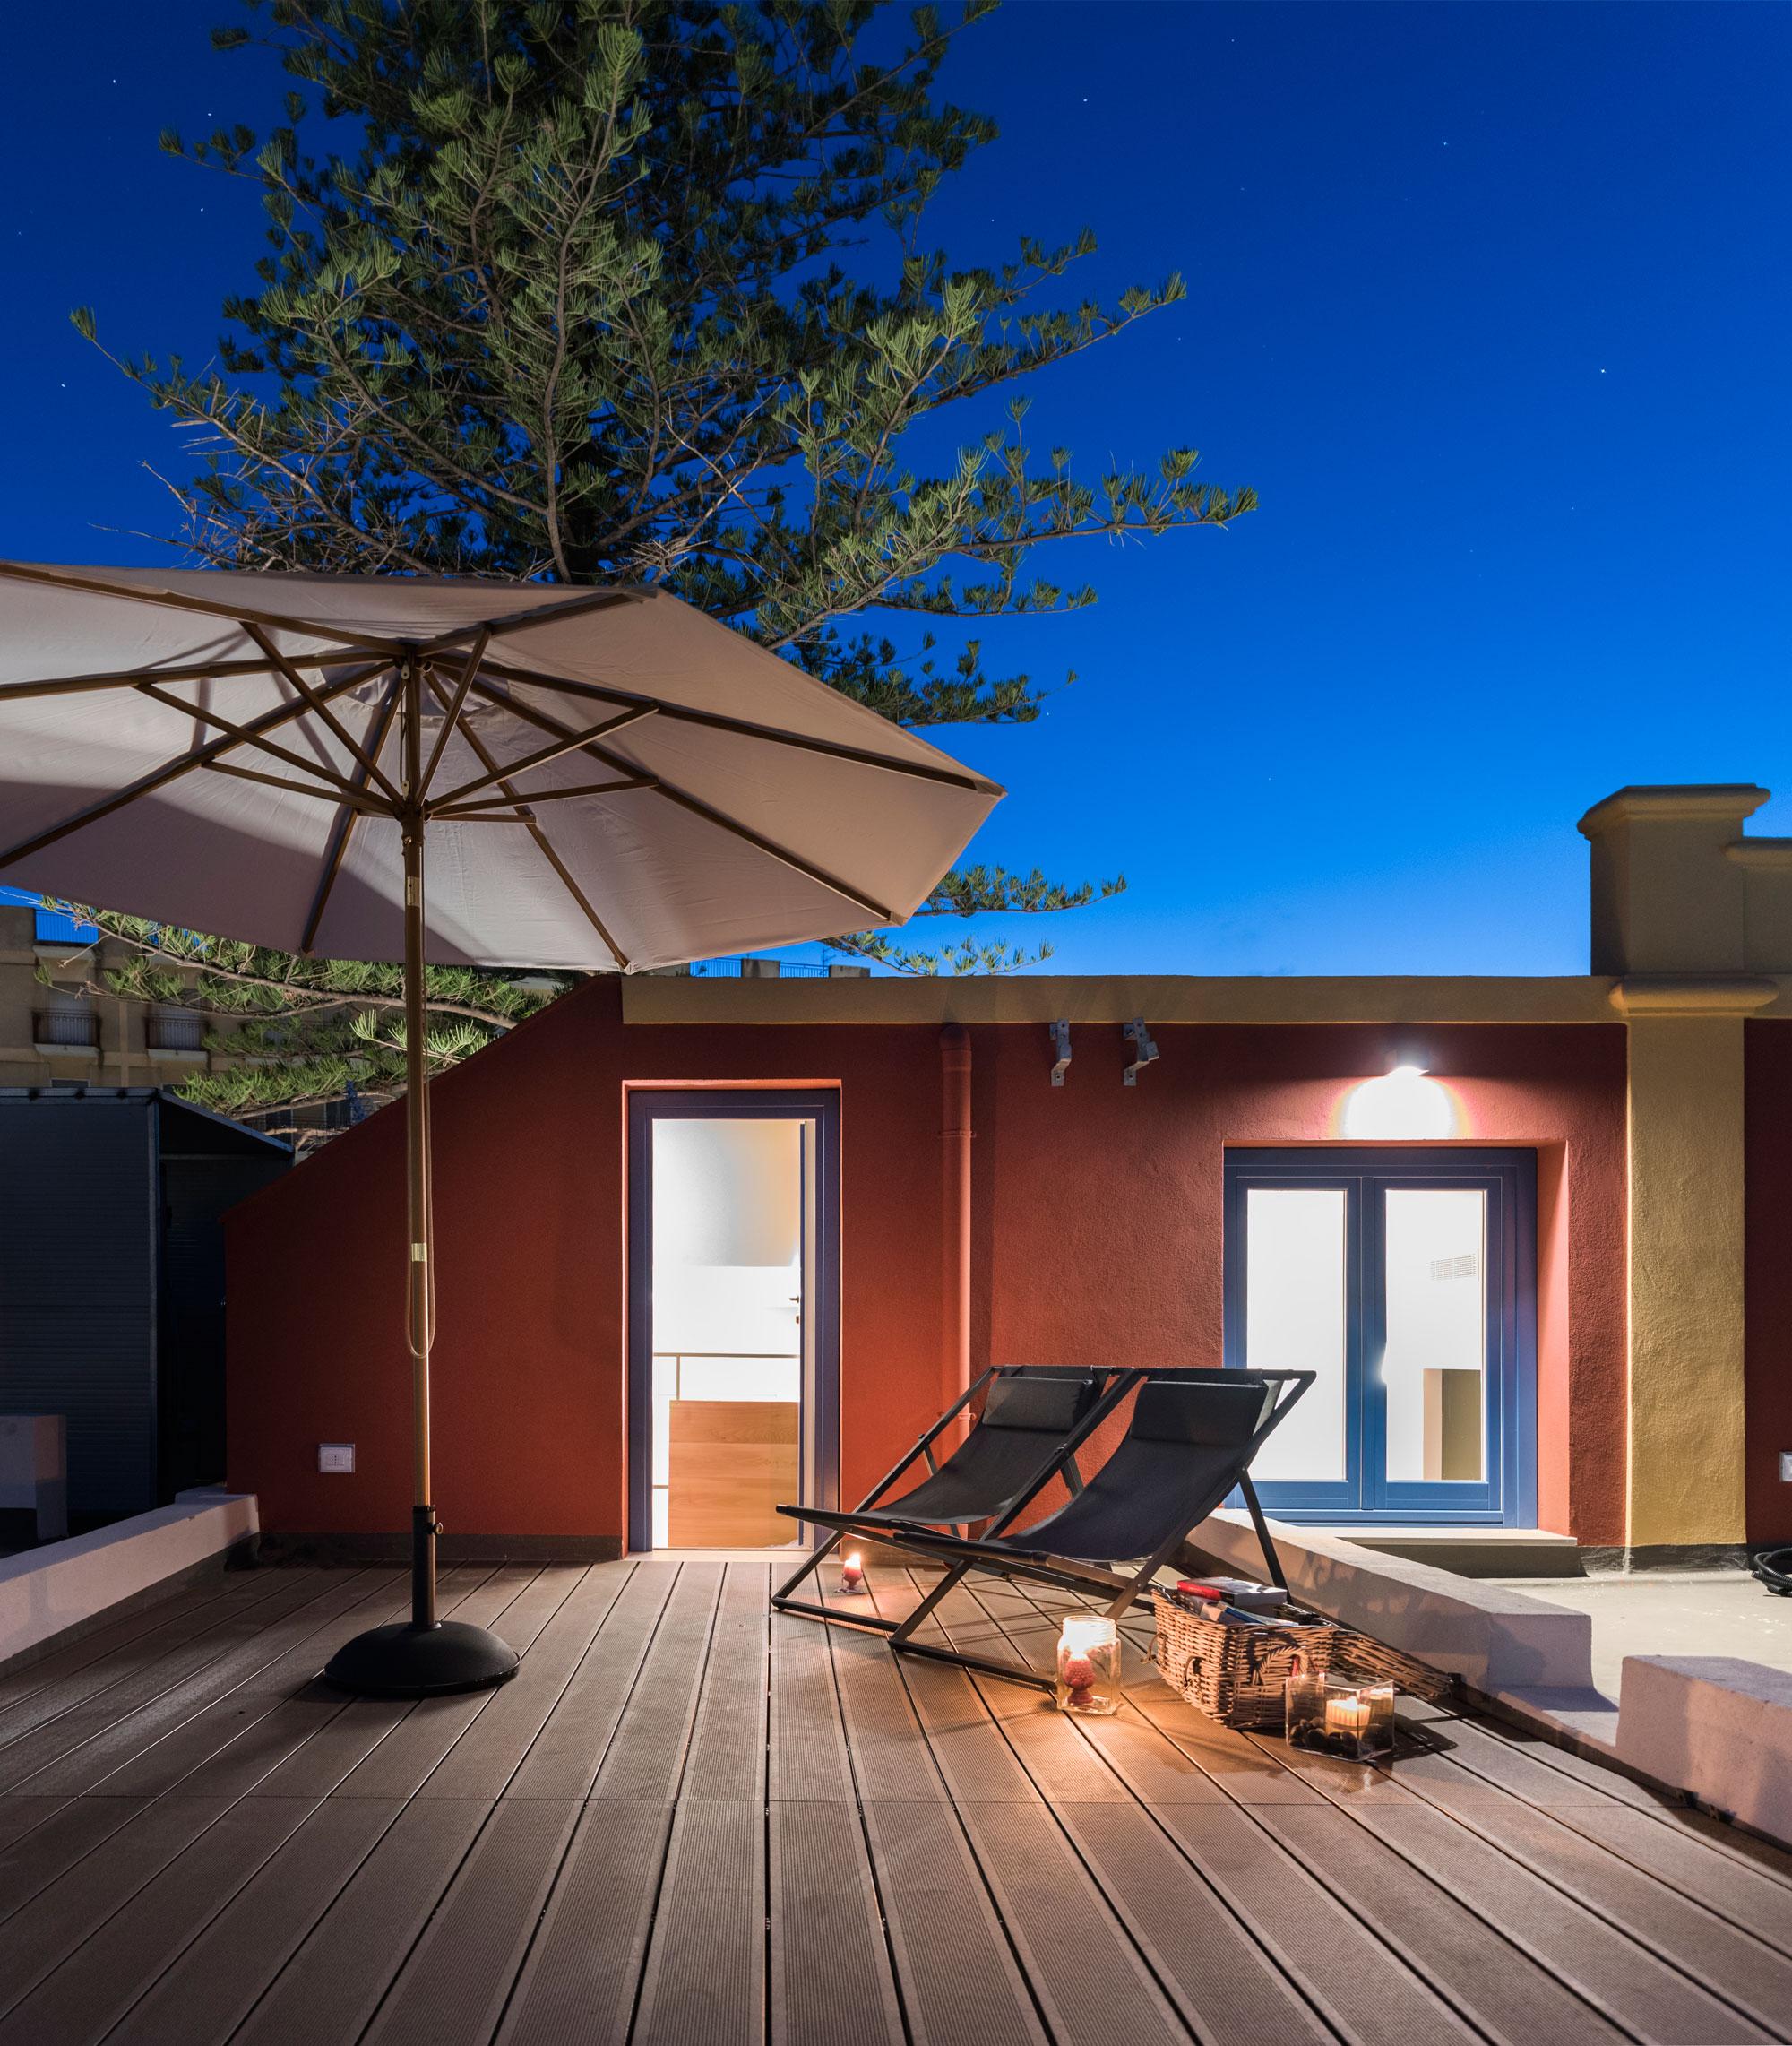 Terrasse en bois abritée d'un parasol sur laquelle sont posées 2 transats, vue de nuit